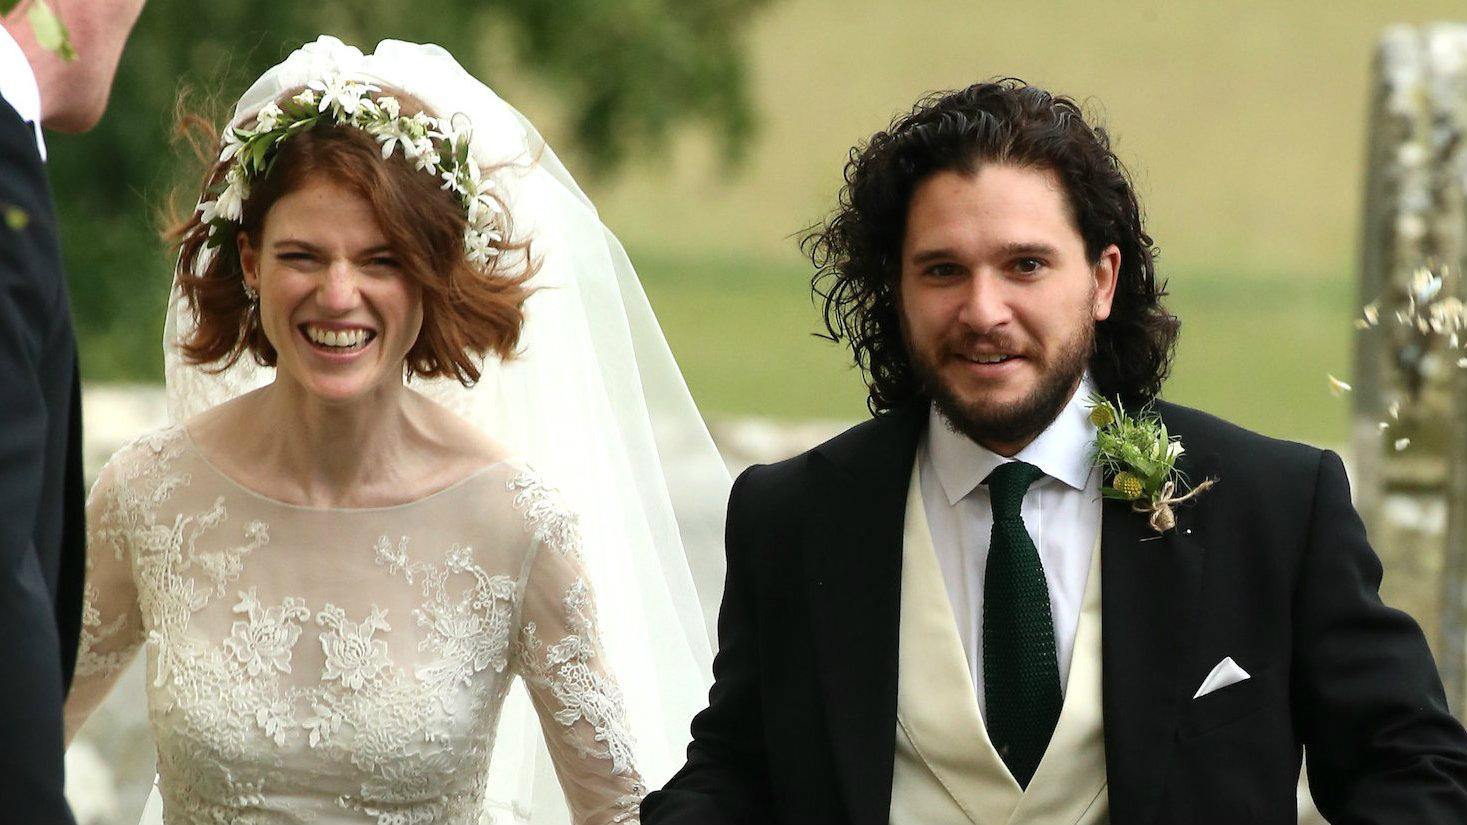 Wedding Date Schauspieler